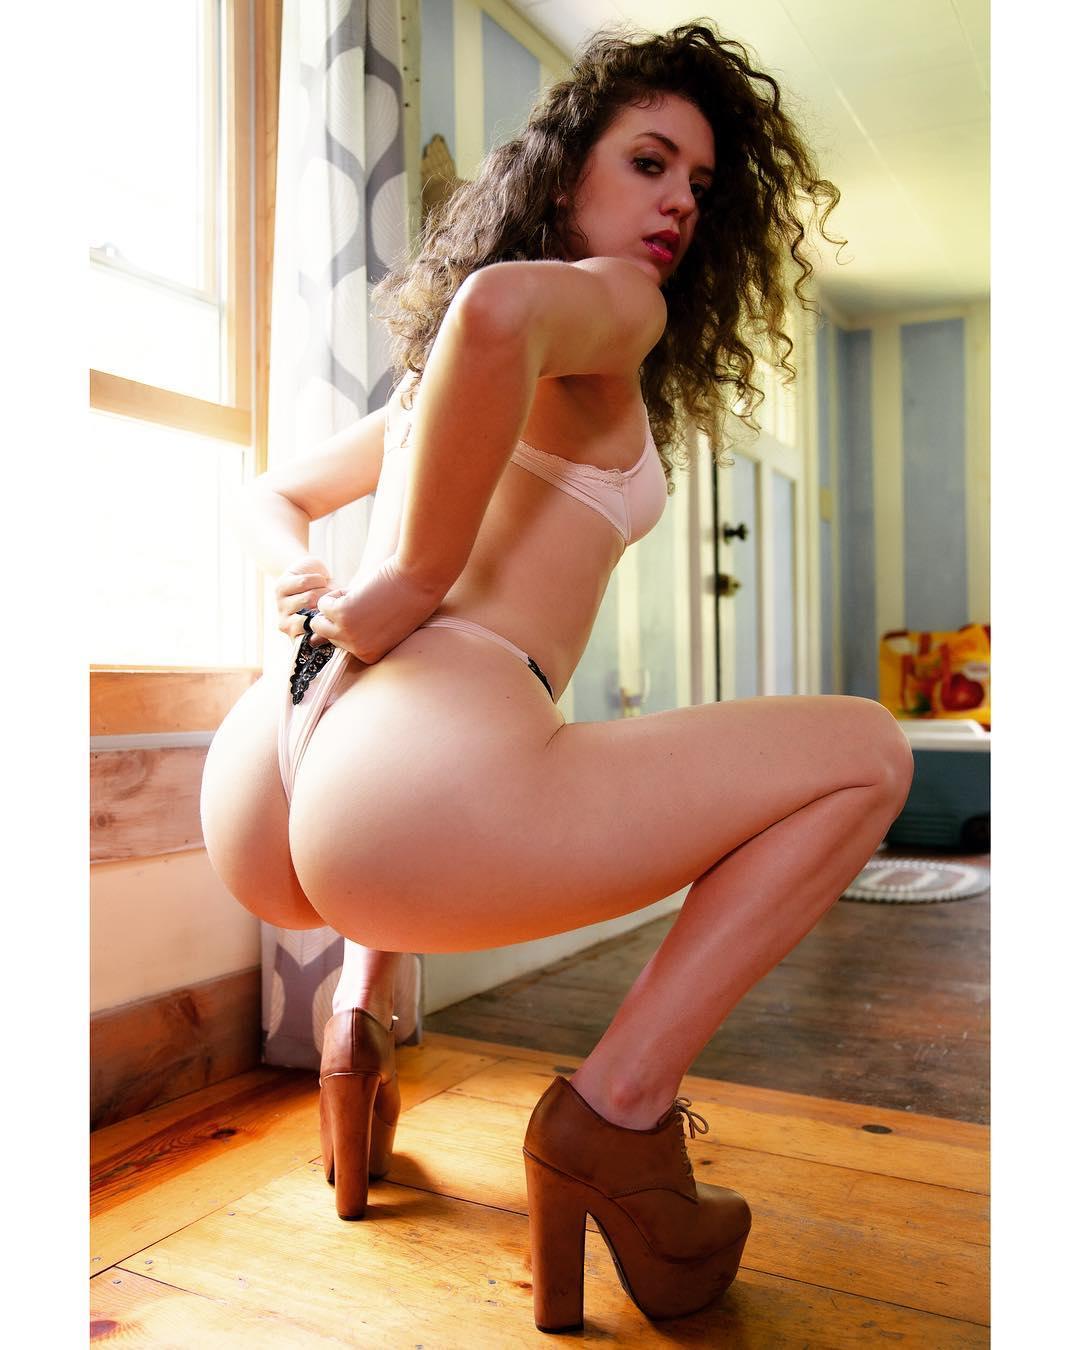 Onaartist Nude Sarah White Onagram Leaked 0055